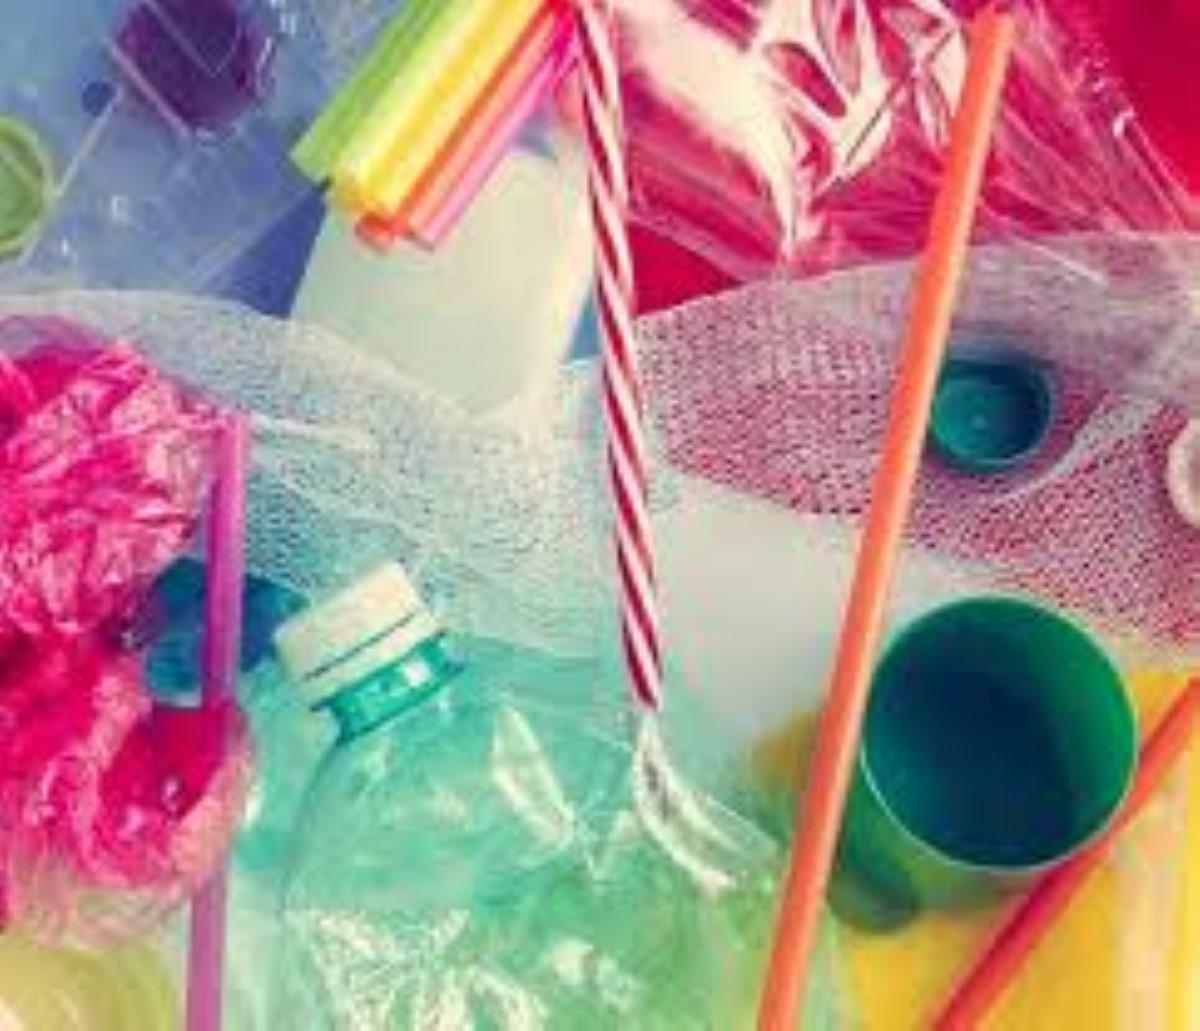 Interdiction des produits plastiques à usage unique à partir du 15 janvier 2021